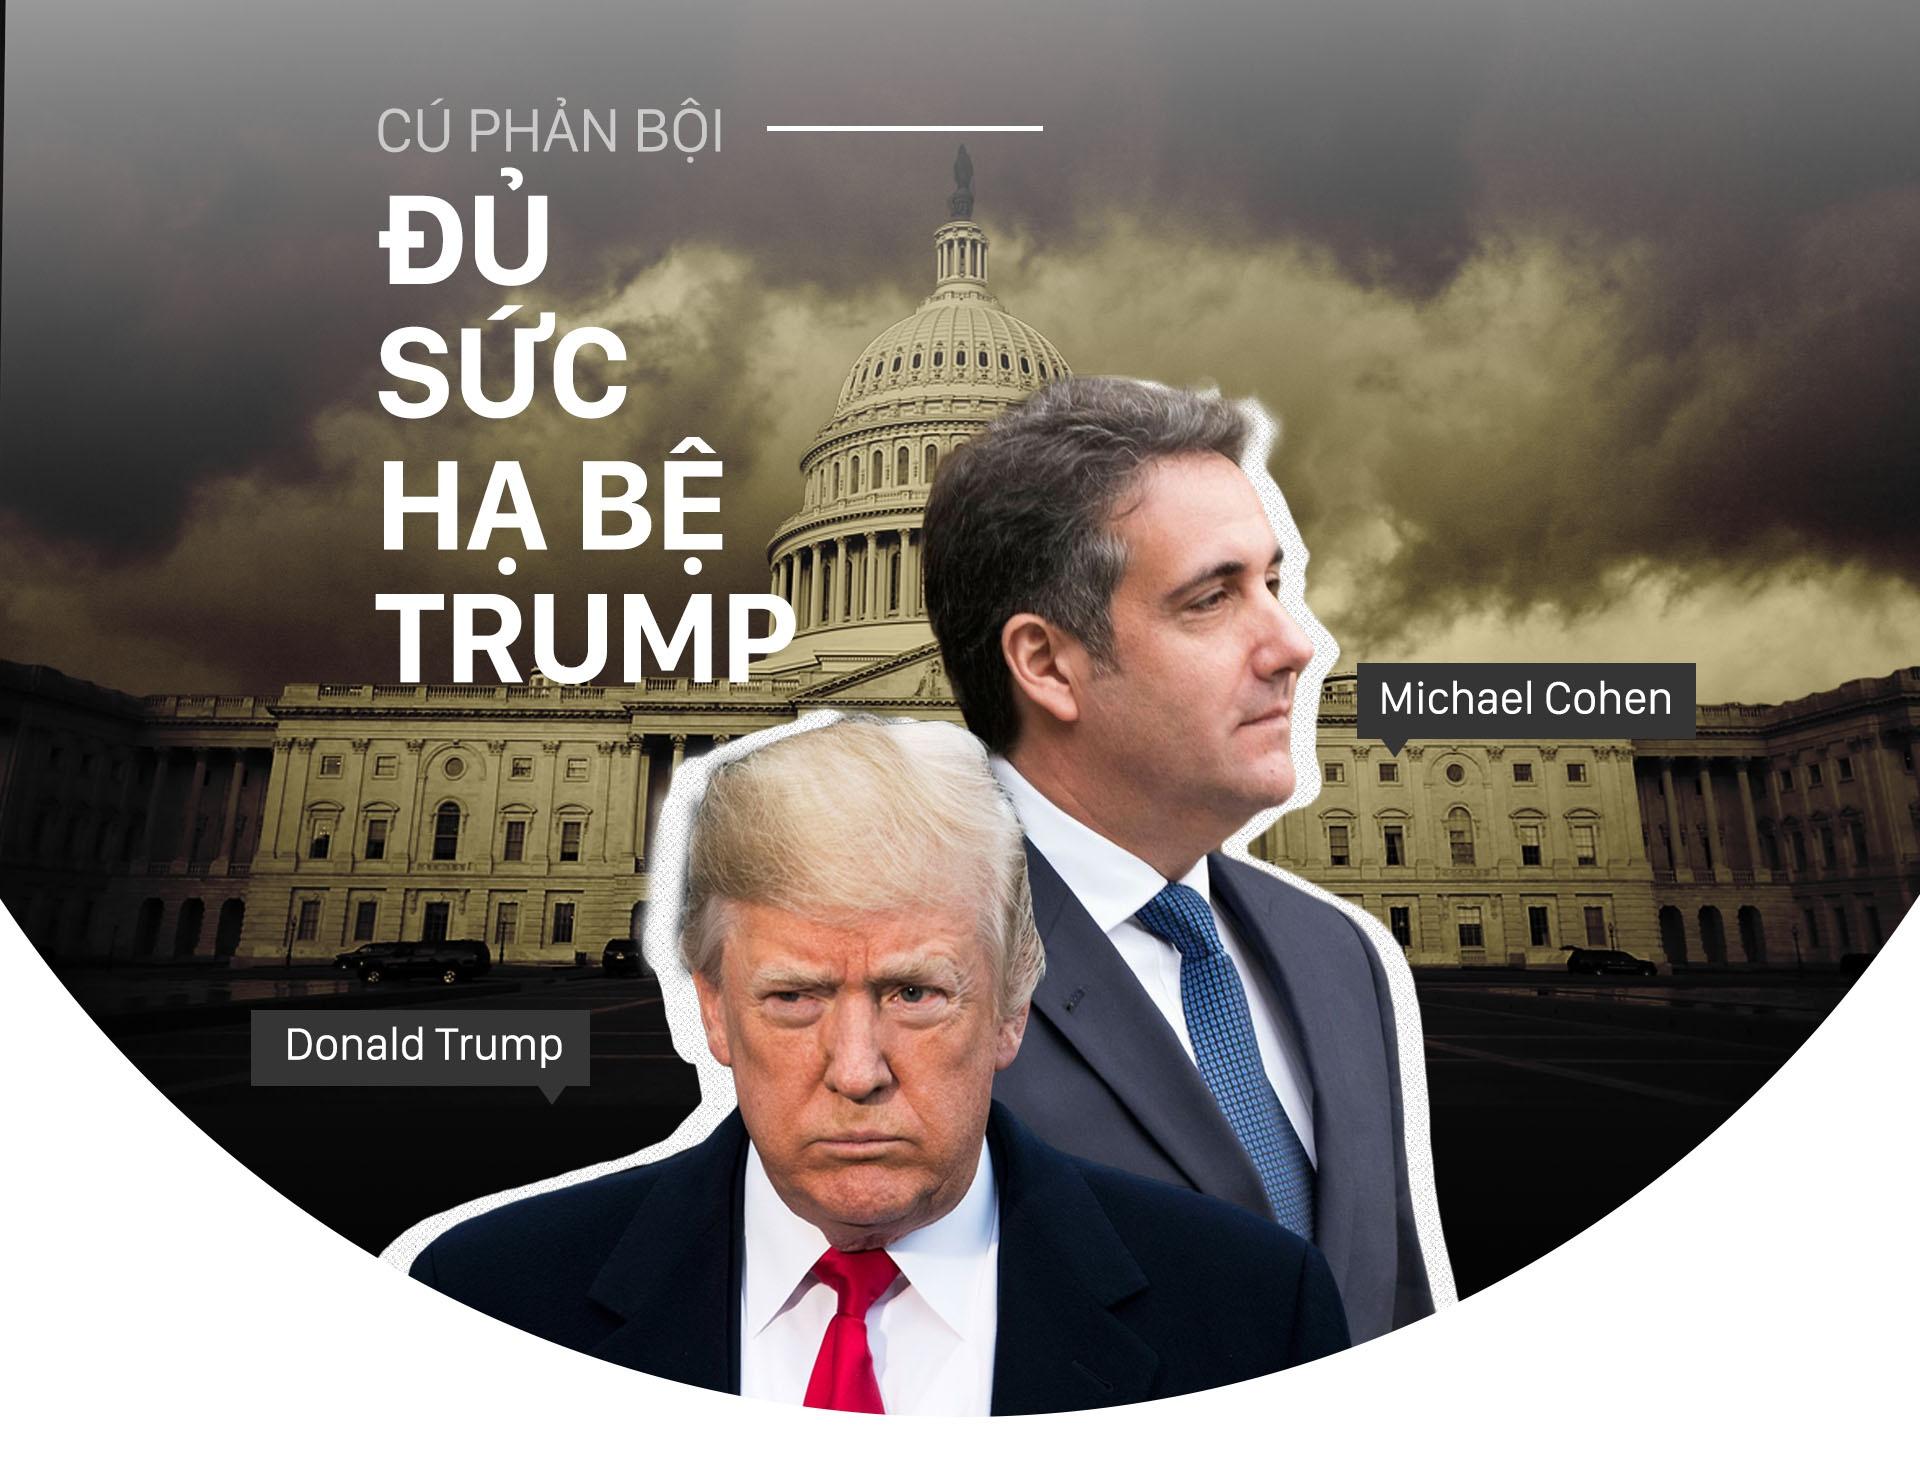 Cohen tro mat - cu phan boi du suc ha be Trump? hinh anh 2